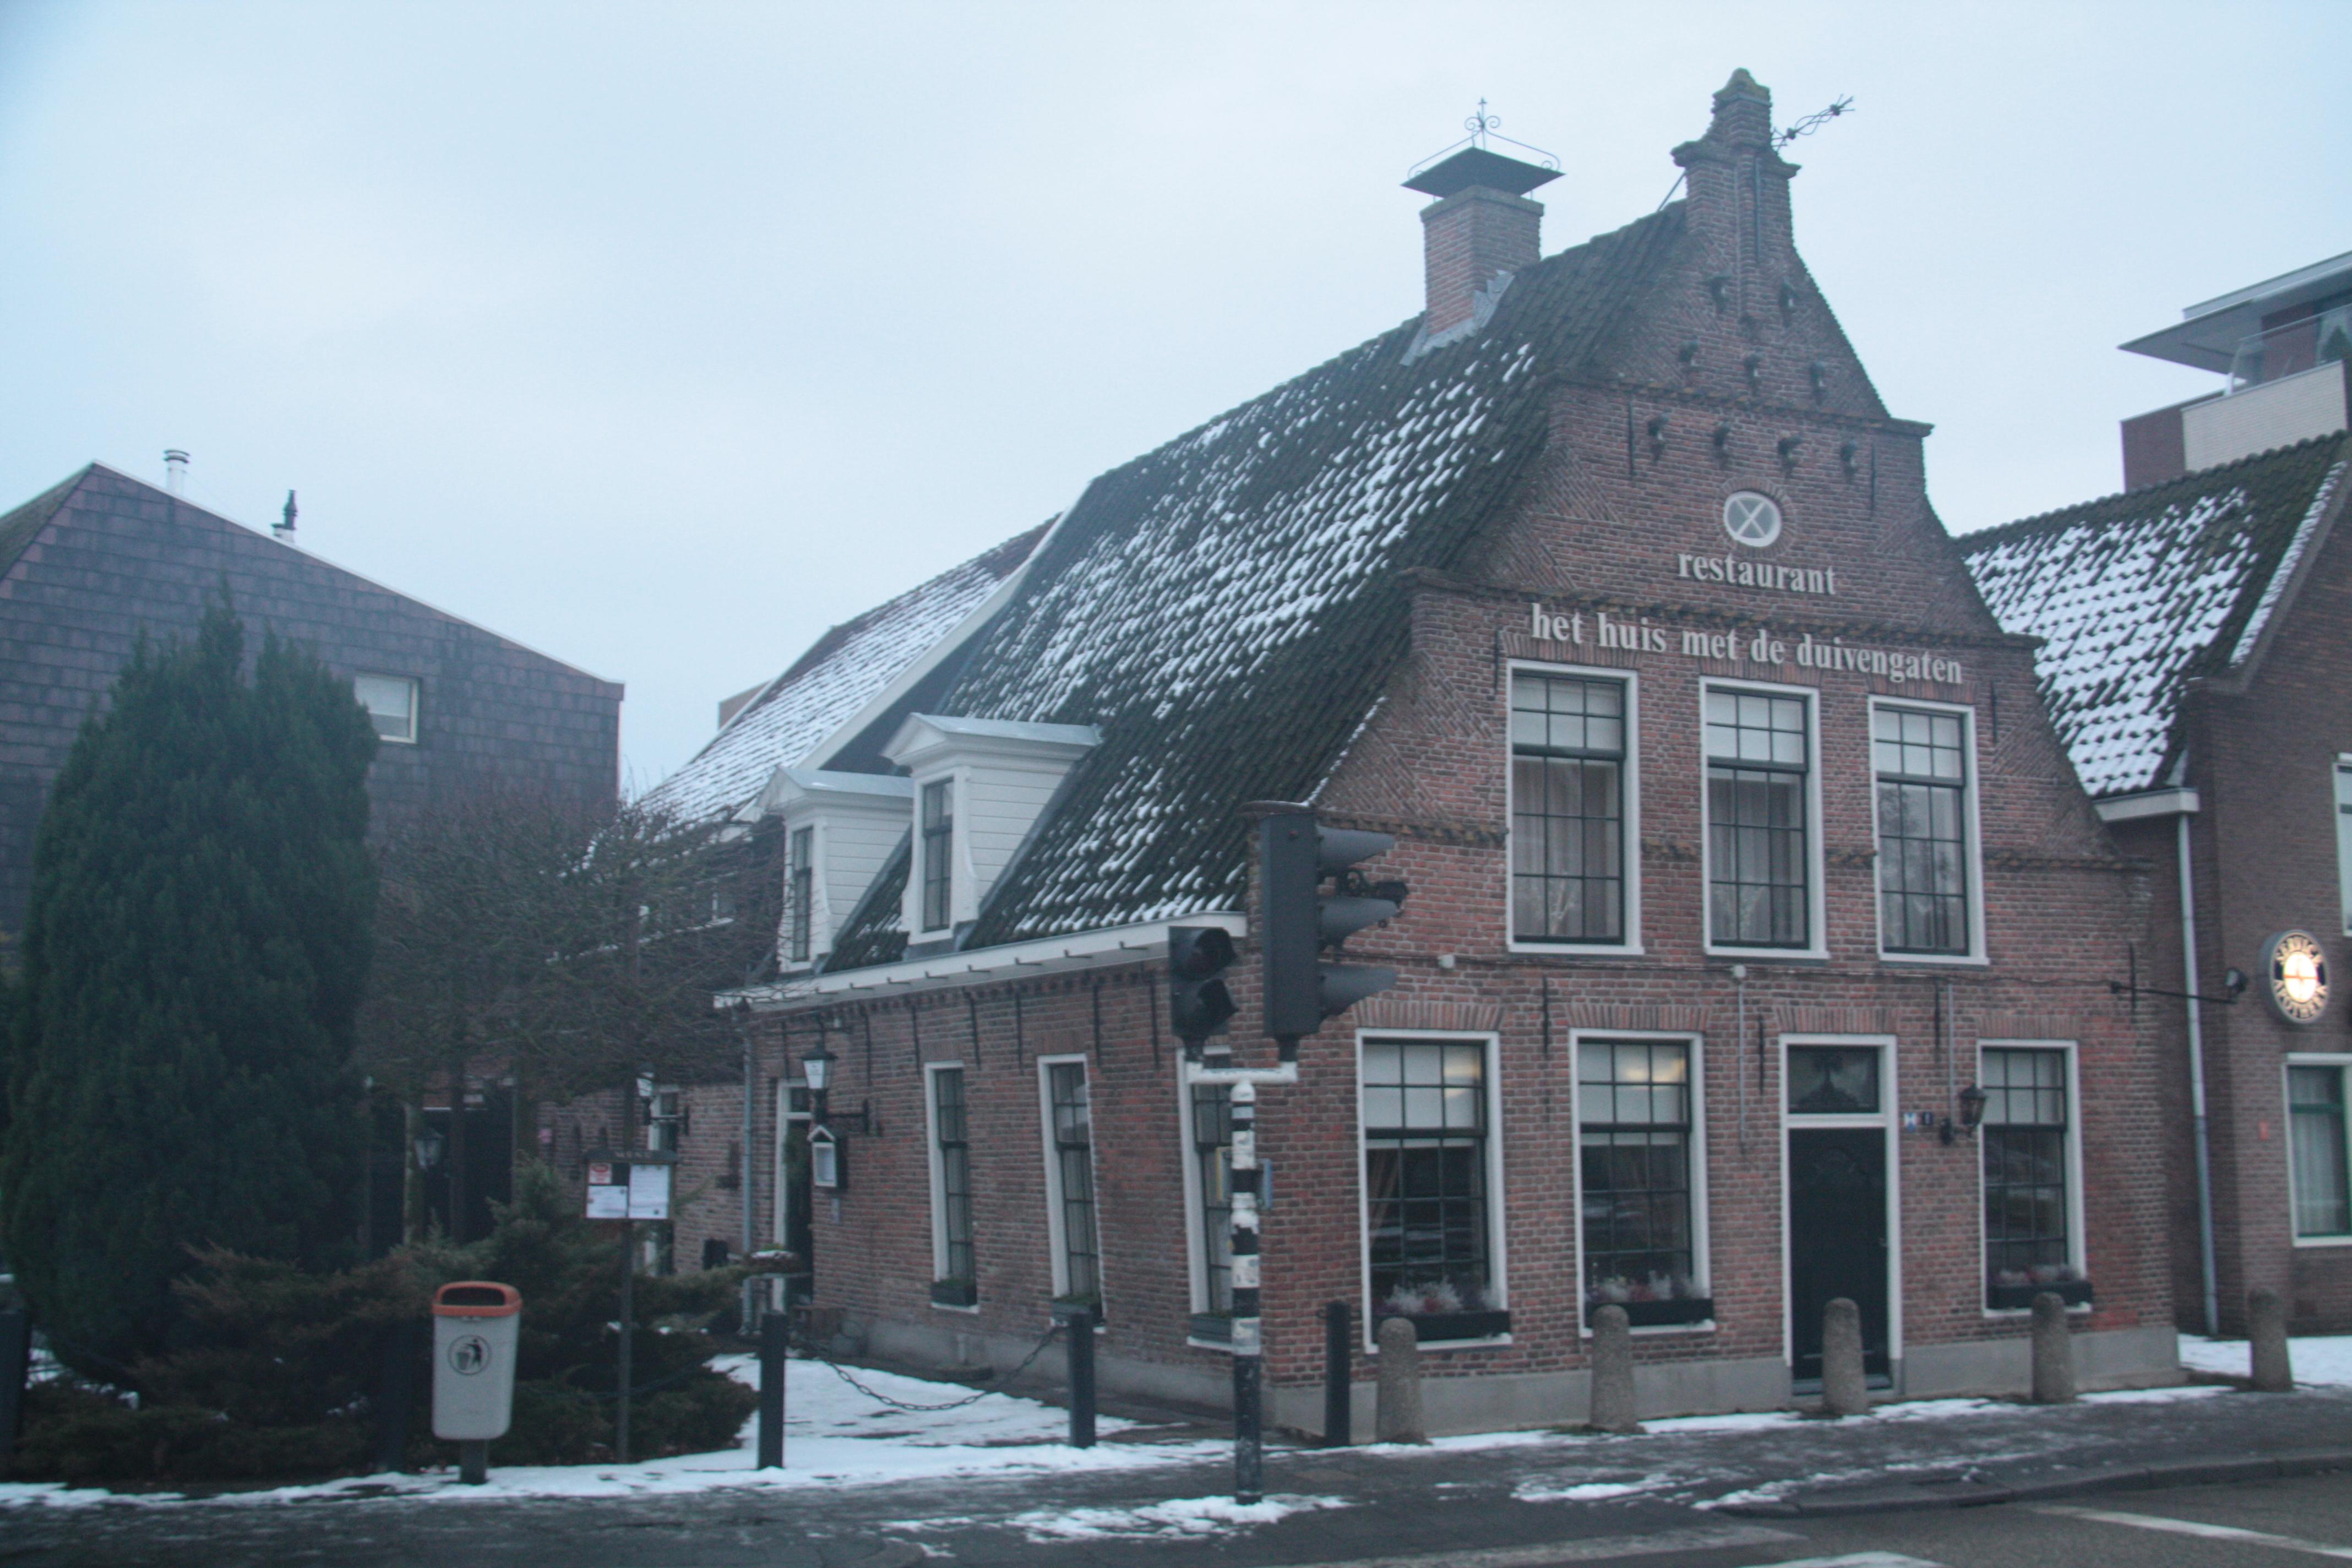 Huis met duivengaten in hoogeveen monument - Foto van eigentijds huis ...